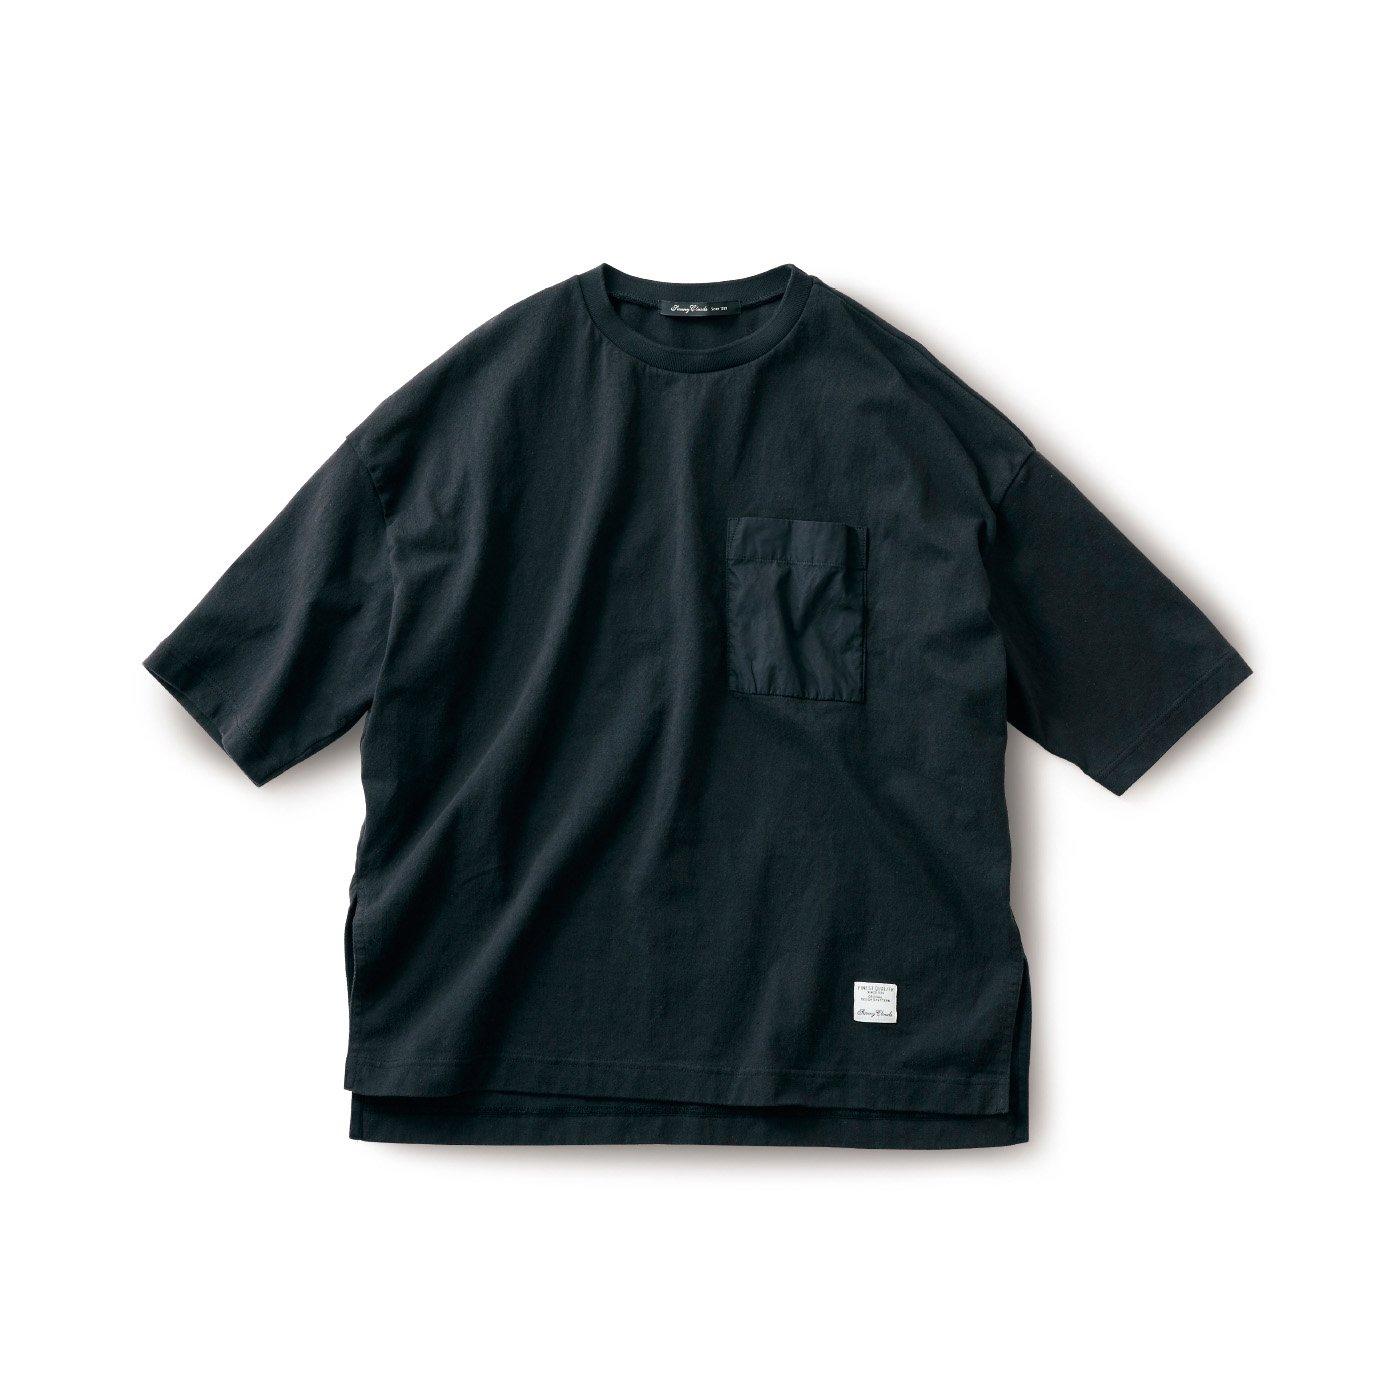 サニークラウズ ドデカいTシャツ〈メンズ〉黒